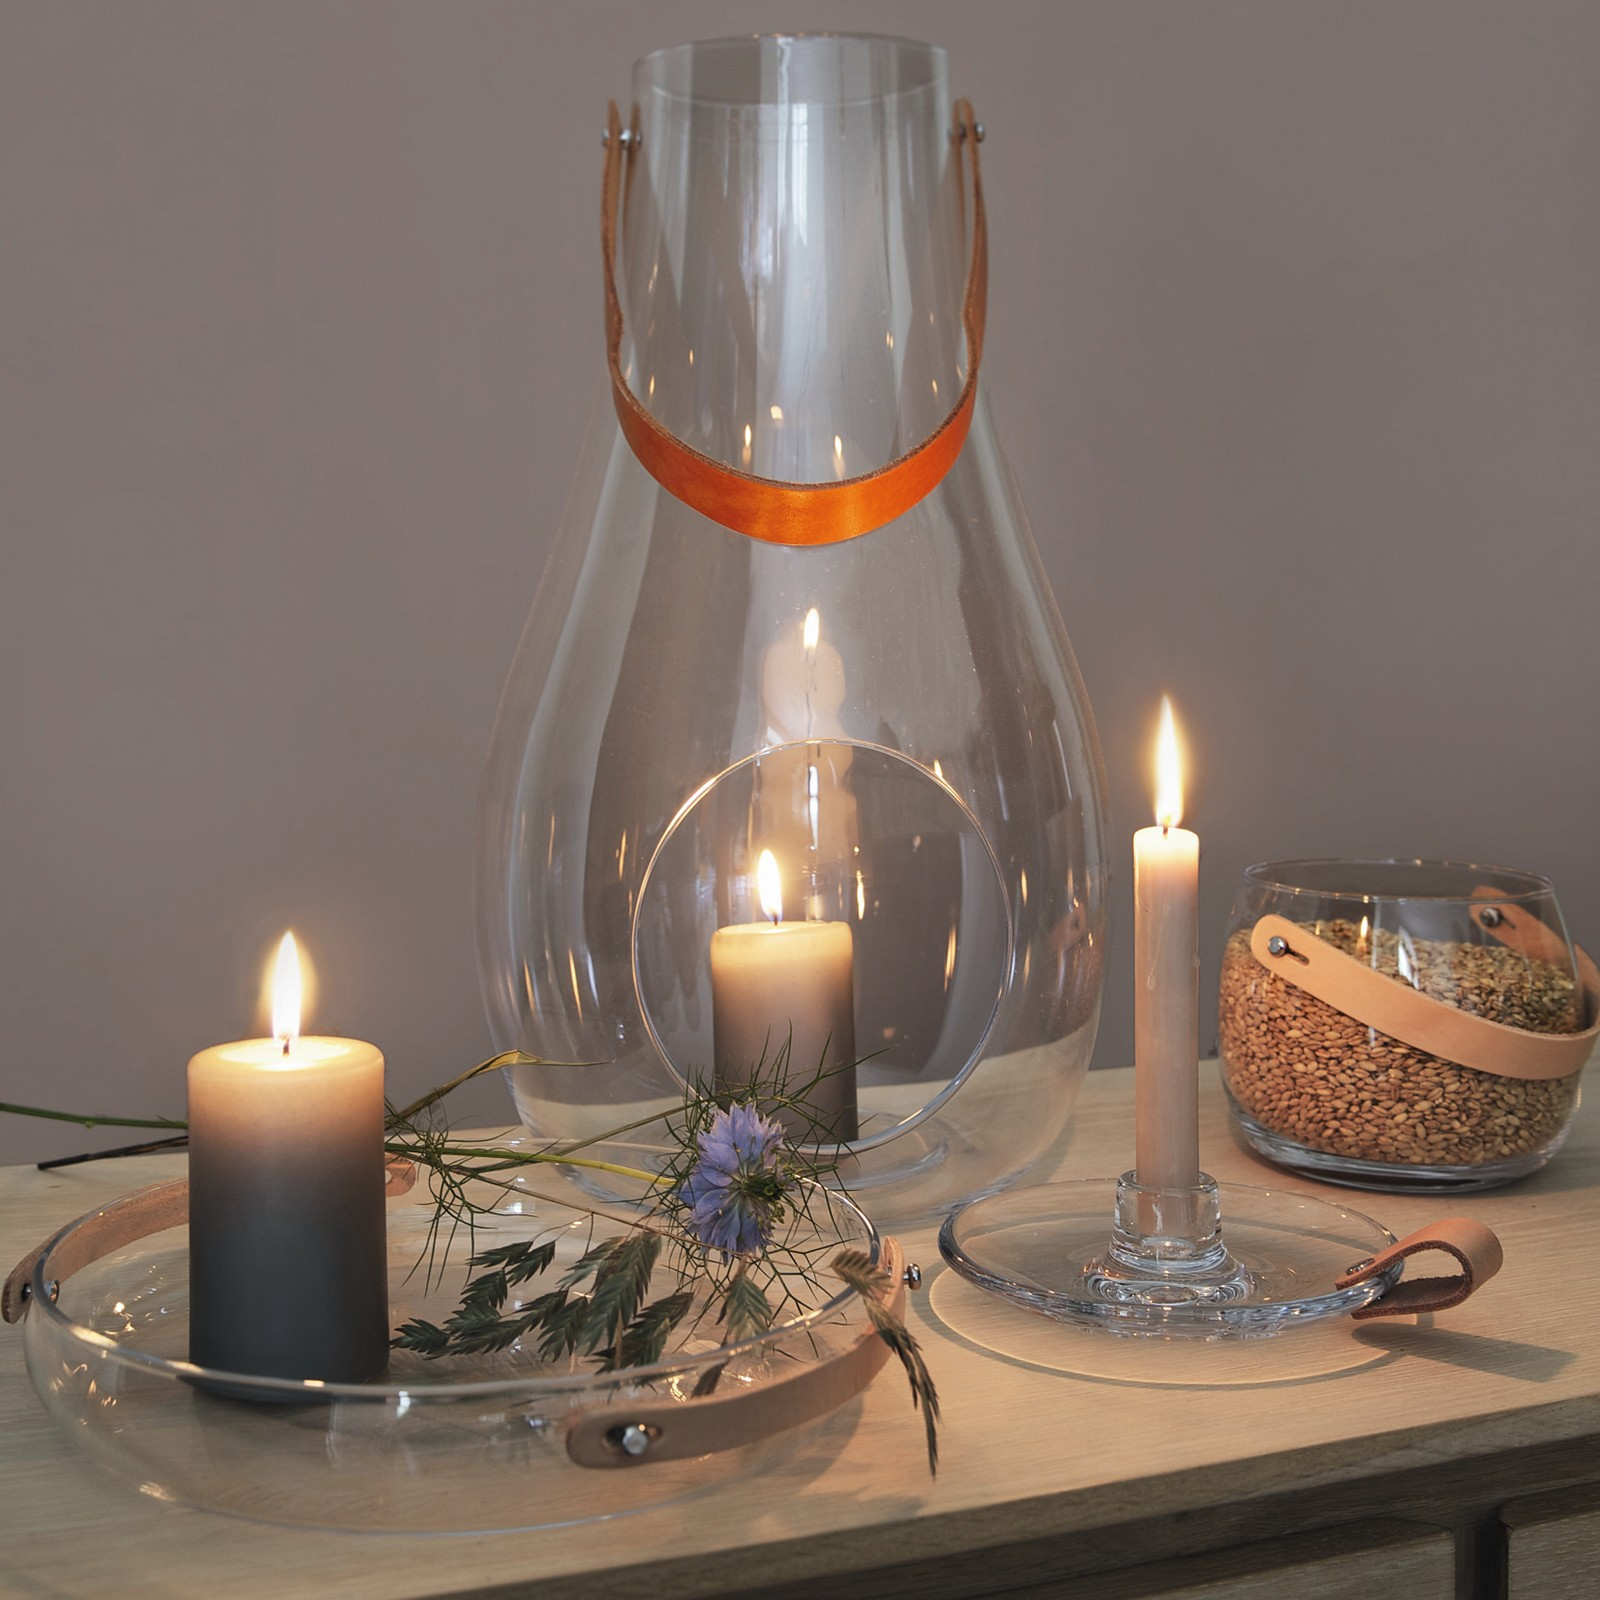 Holmegaard with light kerzenteller glasteller 24 cm for Designing with light